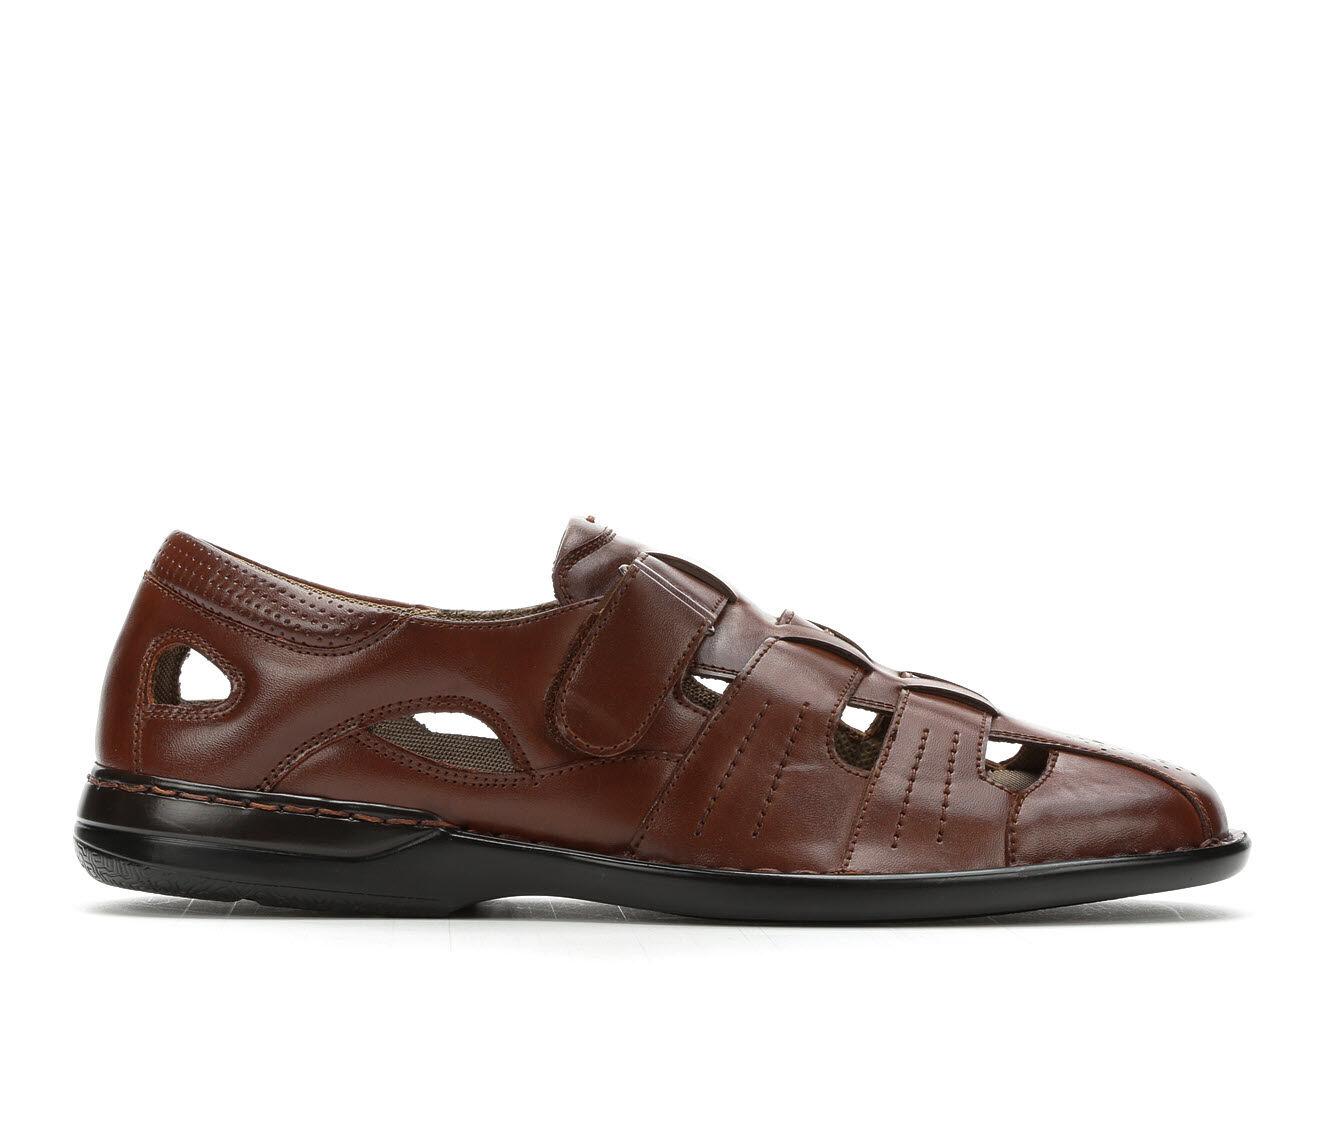 Refined Men's Stacy Adams Argosy Sandals Cognac